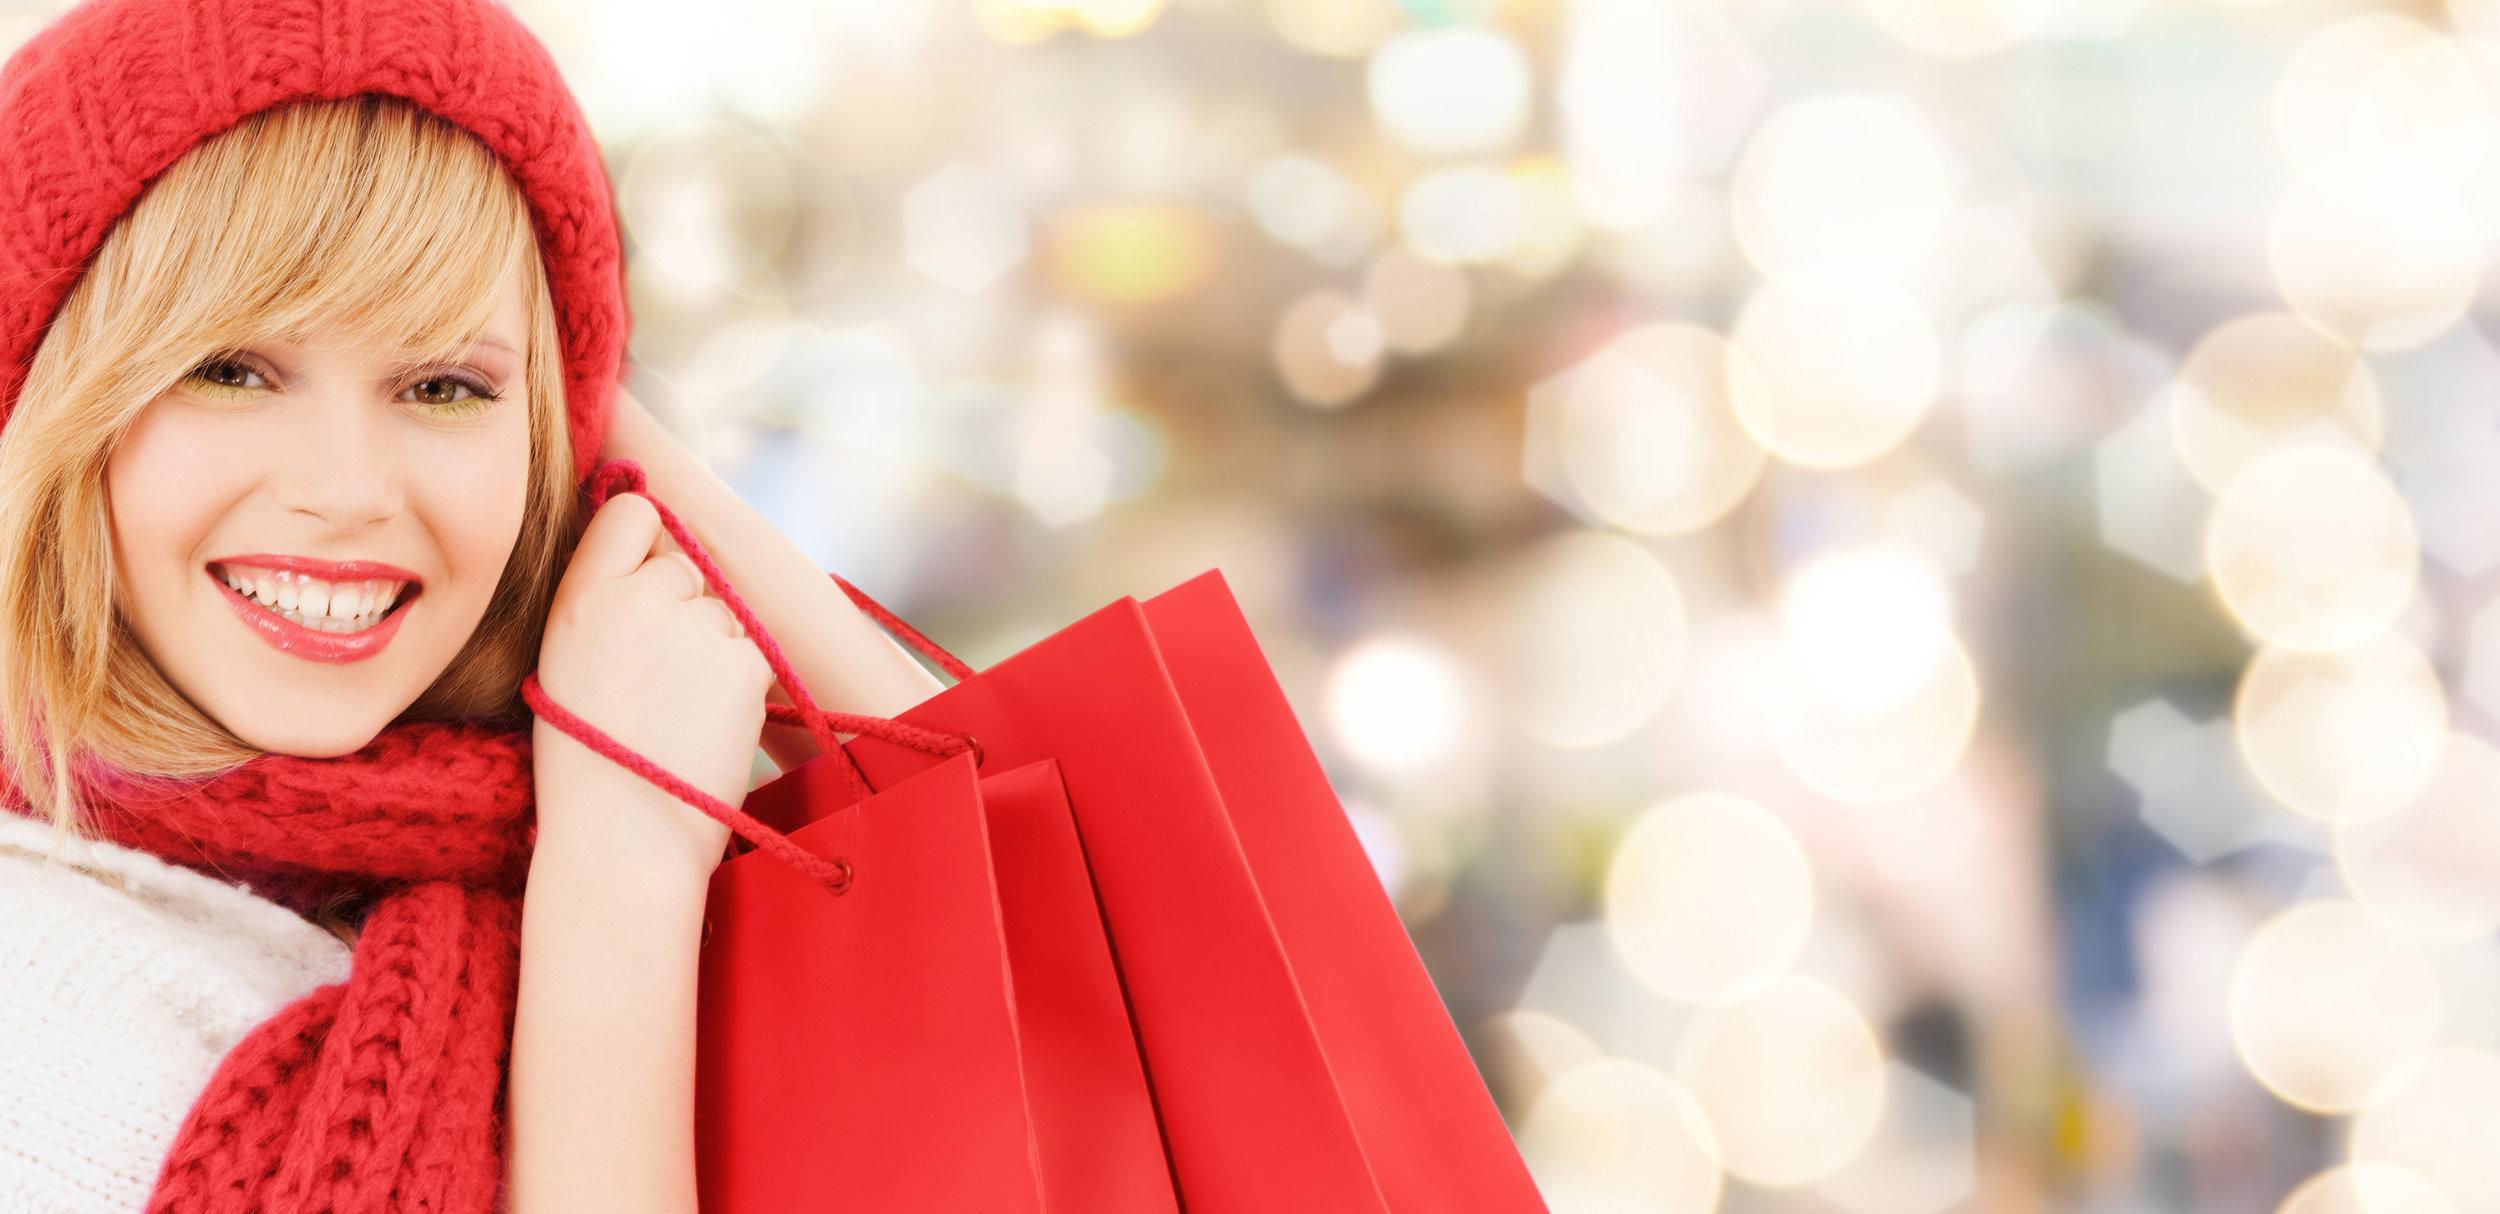 Retail Logistics: 10 Consumer Spending Trends and Statistics